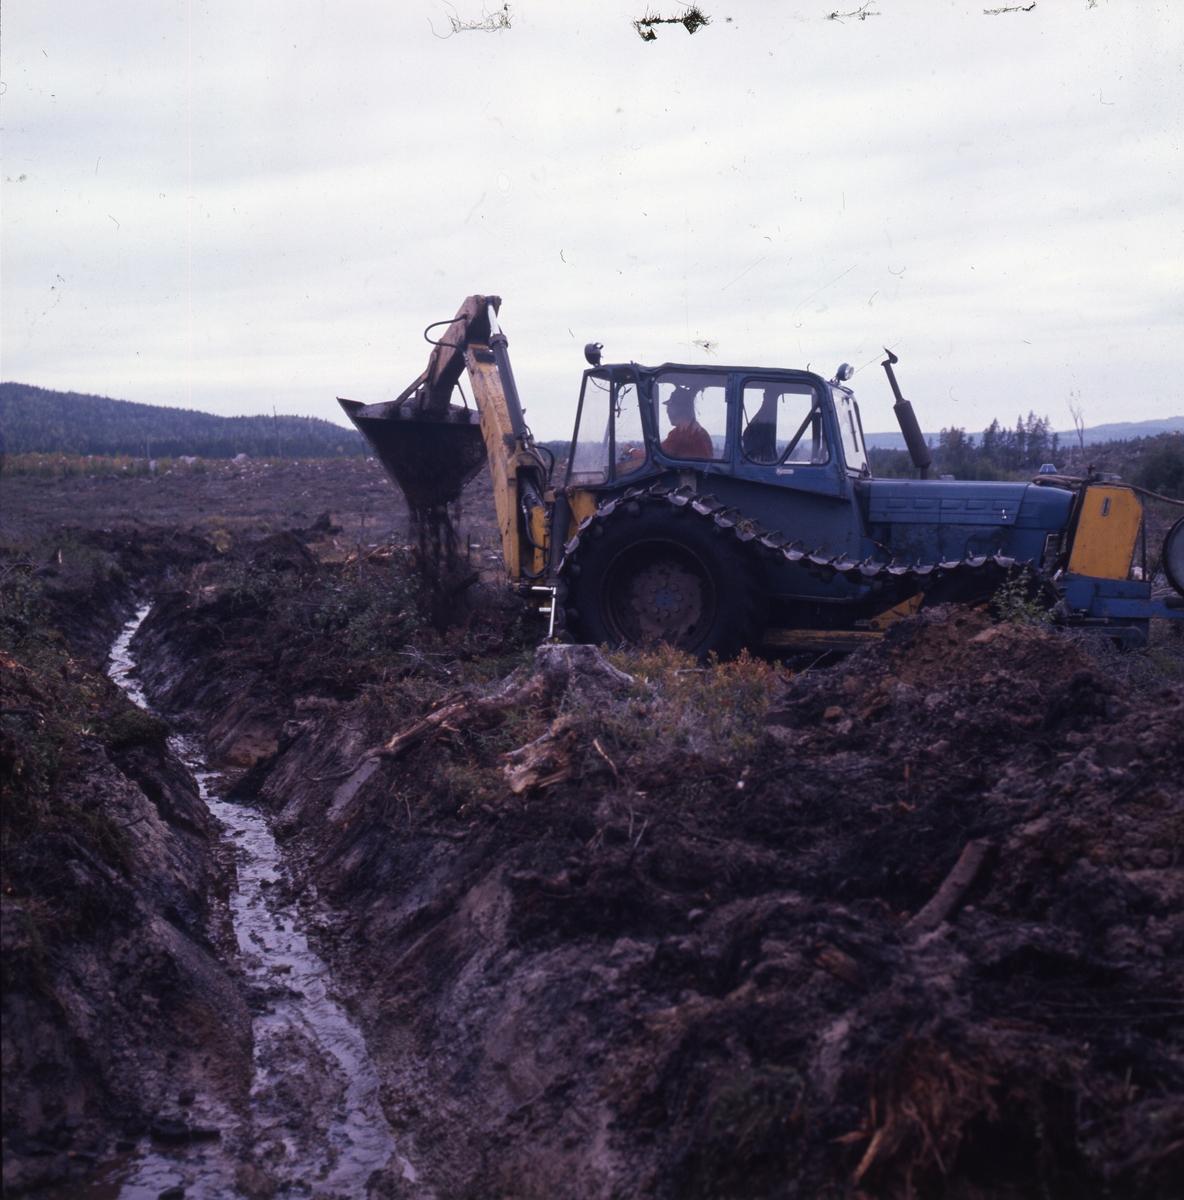 Dikning. Traktor jobbar i blöt mark.